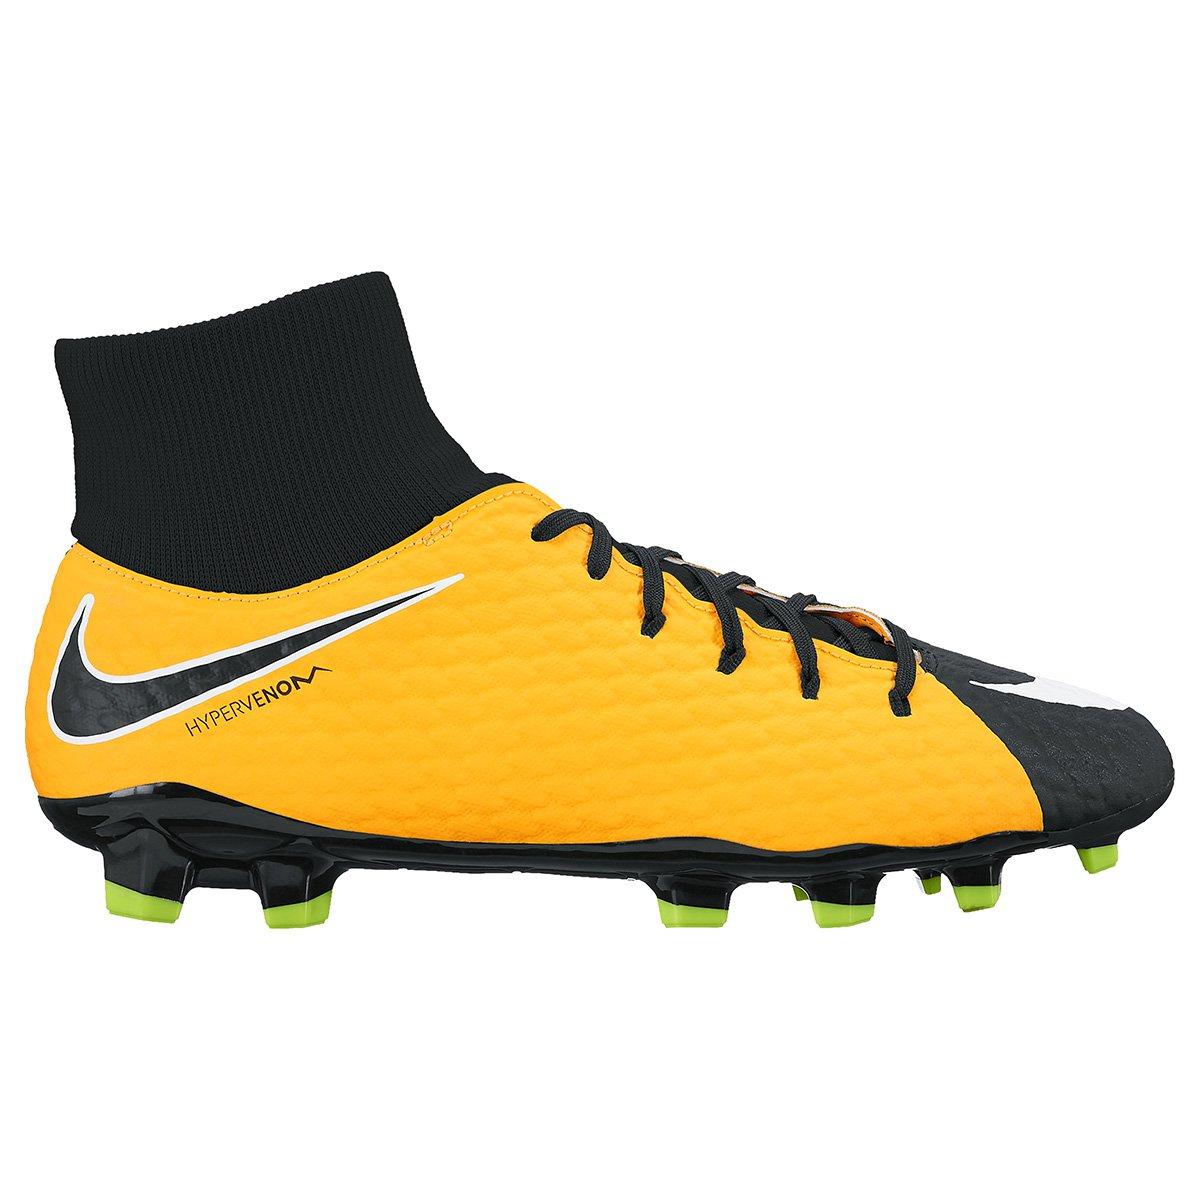 Chuteira Campo Nike Hypervenom Phelon 3 DF FG - Compre Agora  89187338eb88f